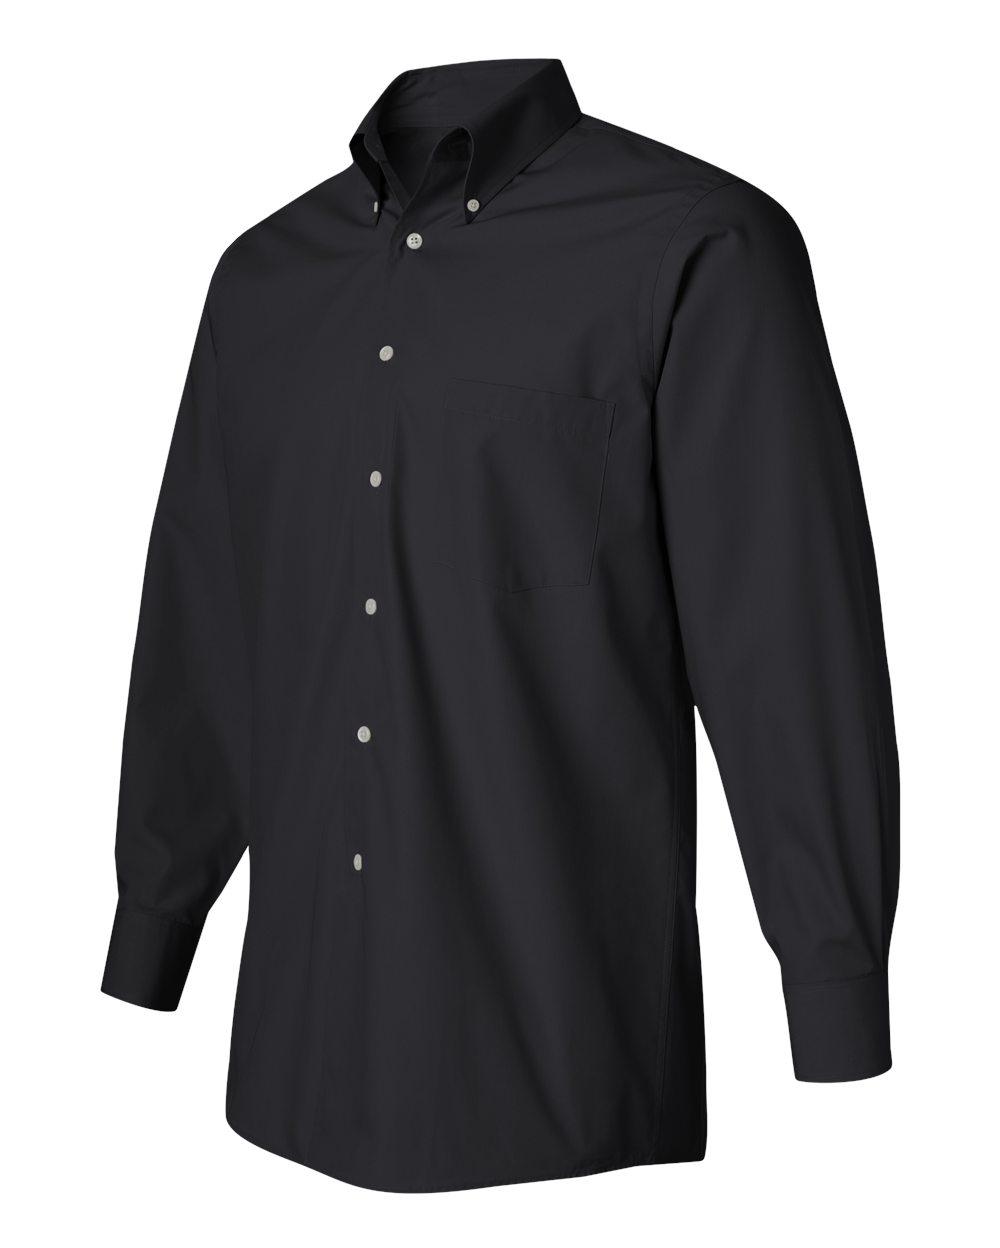 VAN HEUSEN - Men's Silky Poplin Shirt-